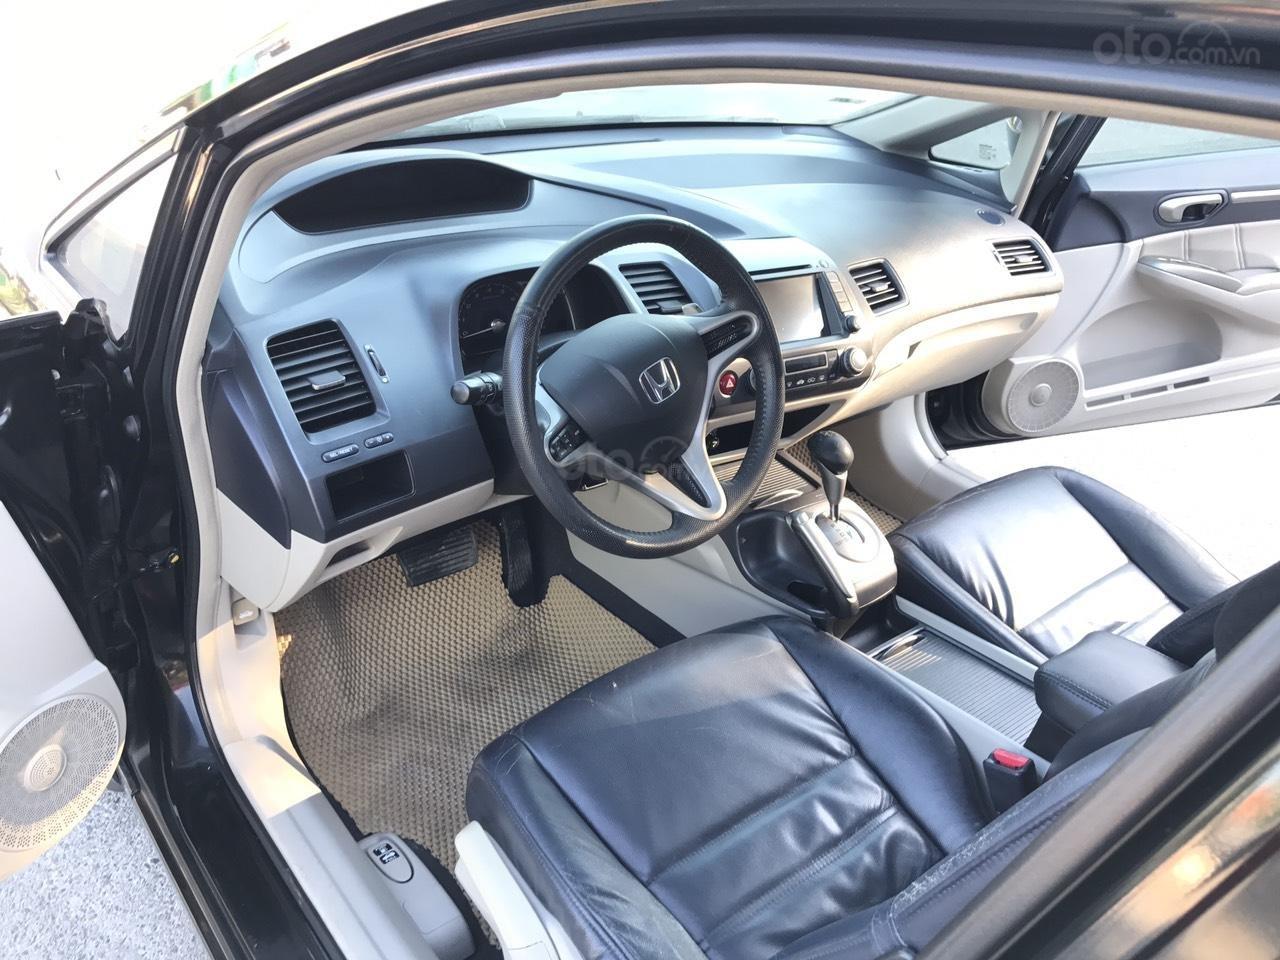 Cần bán Honda Civic 2.0AT sản xuất năm 2008, màu đen, chính chủ, xe tuyển (4)